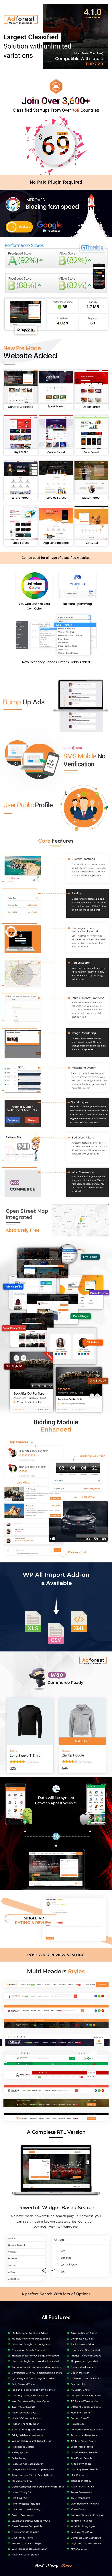 موضوع الإعلانات المبوبة والتطبيقات